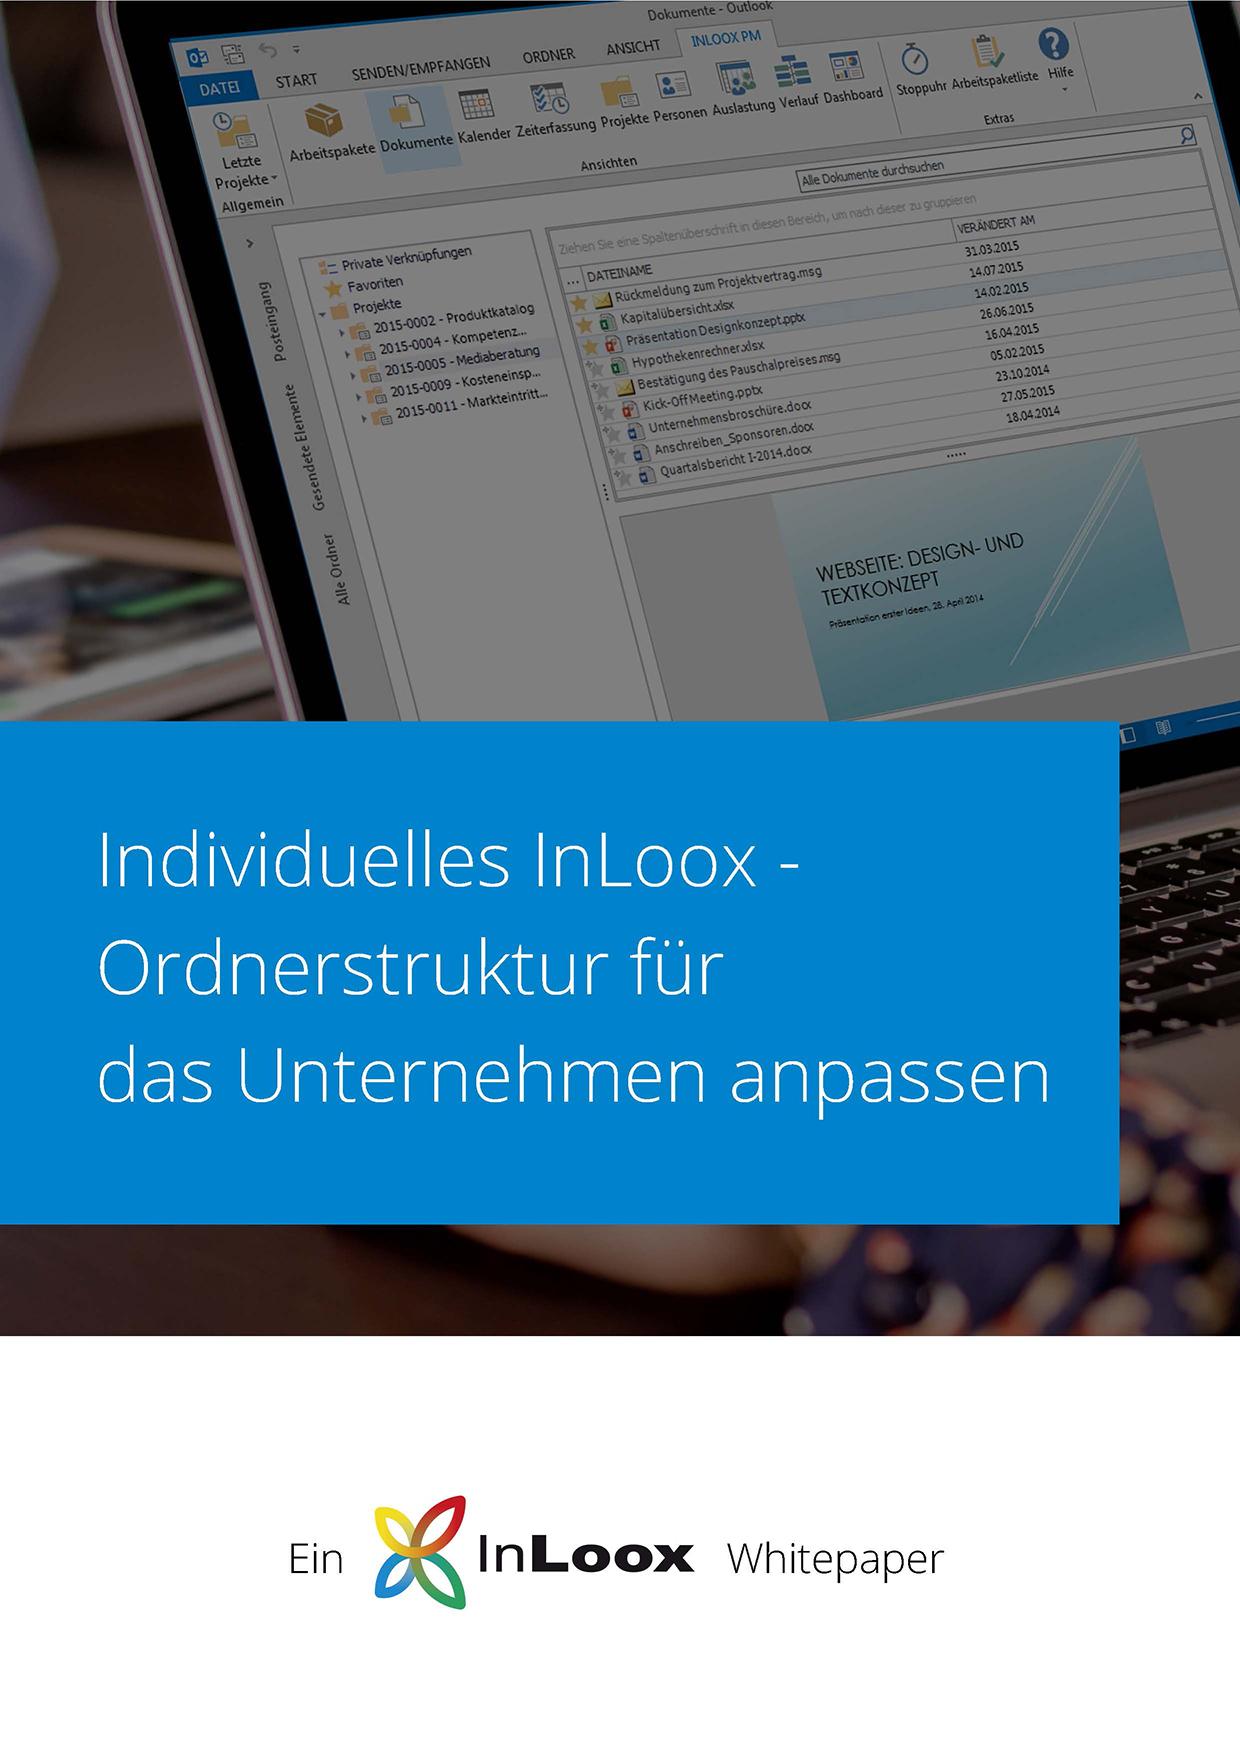 InLoox Whitepaper - Ordnerstruktur anpassen